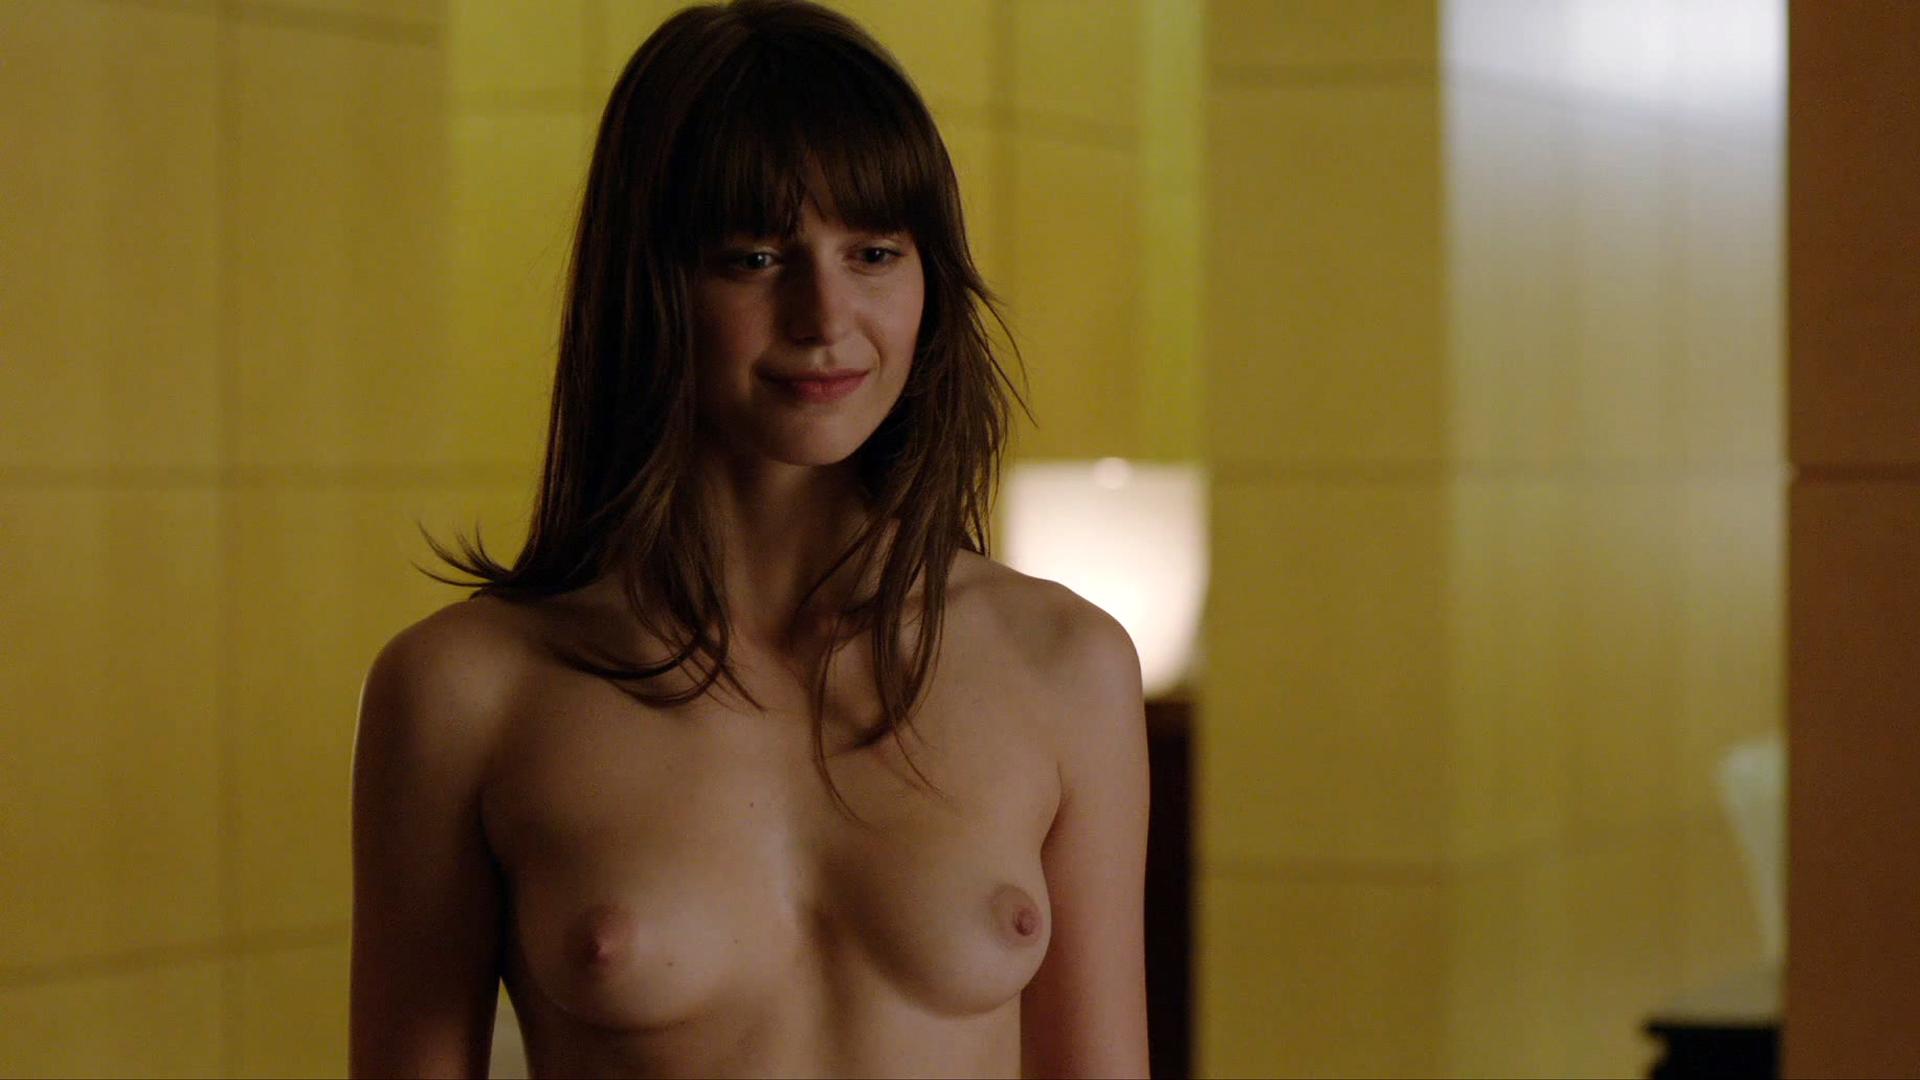 Melissa benoist nude homeland agree, the